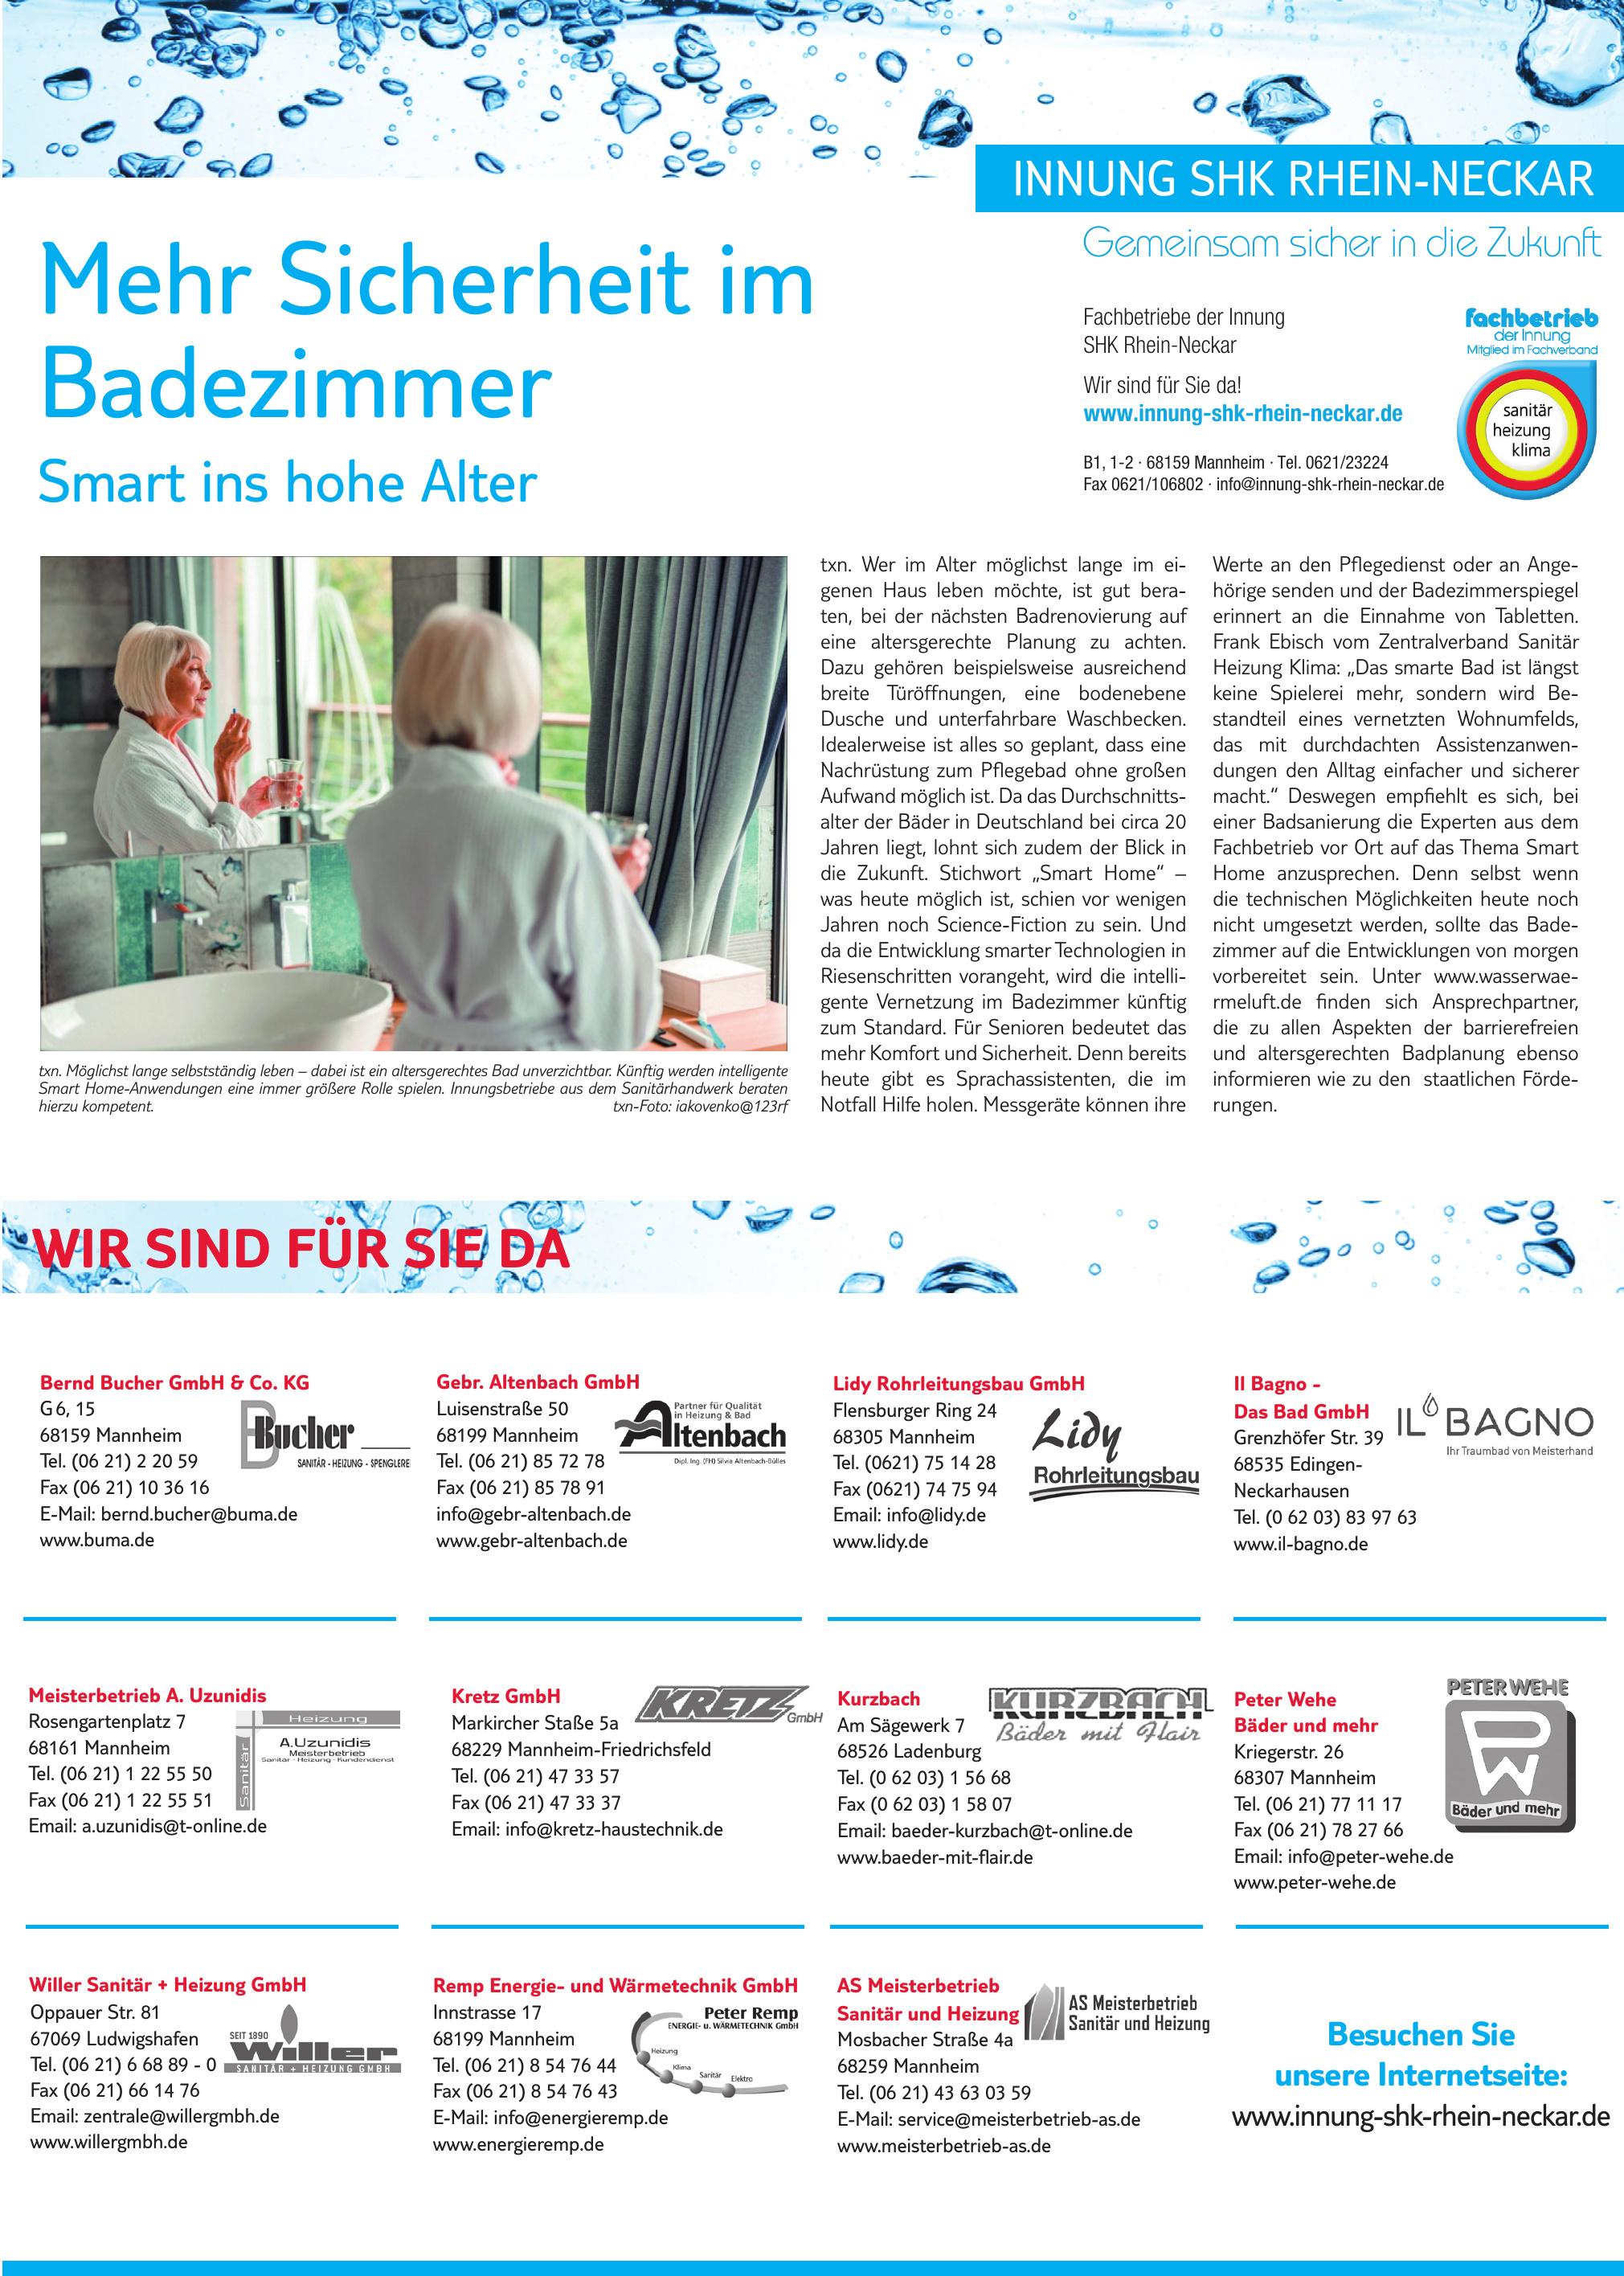 Fachbetriebe der Innung SHK Rhein-Neckar